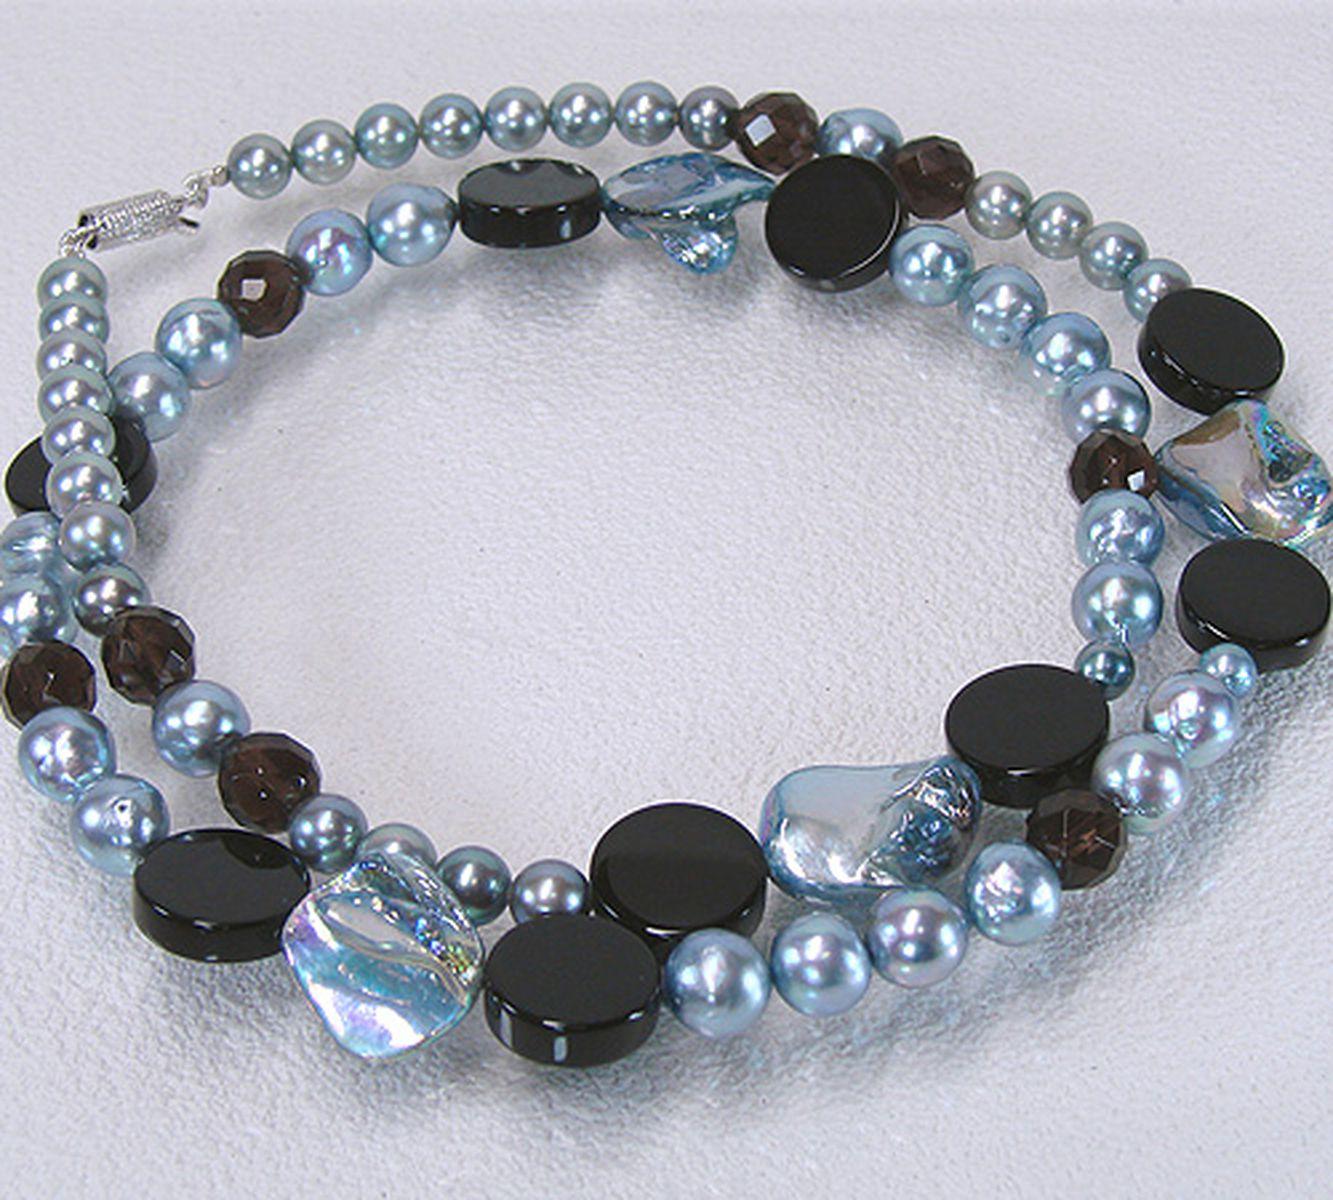 アコヤ真珠オリジナルデザインネックレス 約6.5-8.0mmの写真